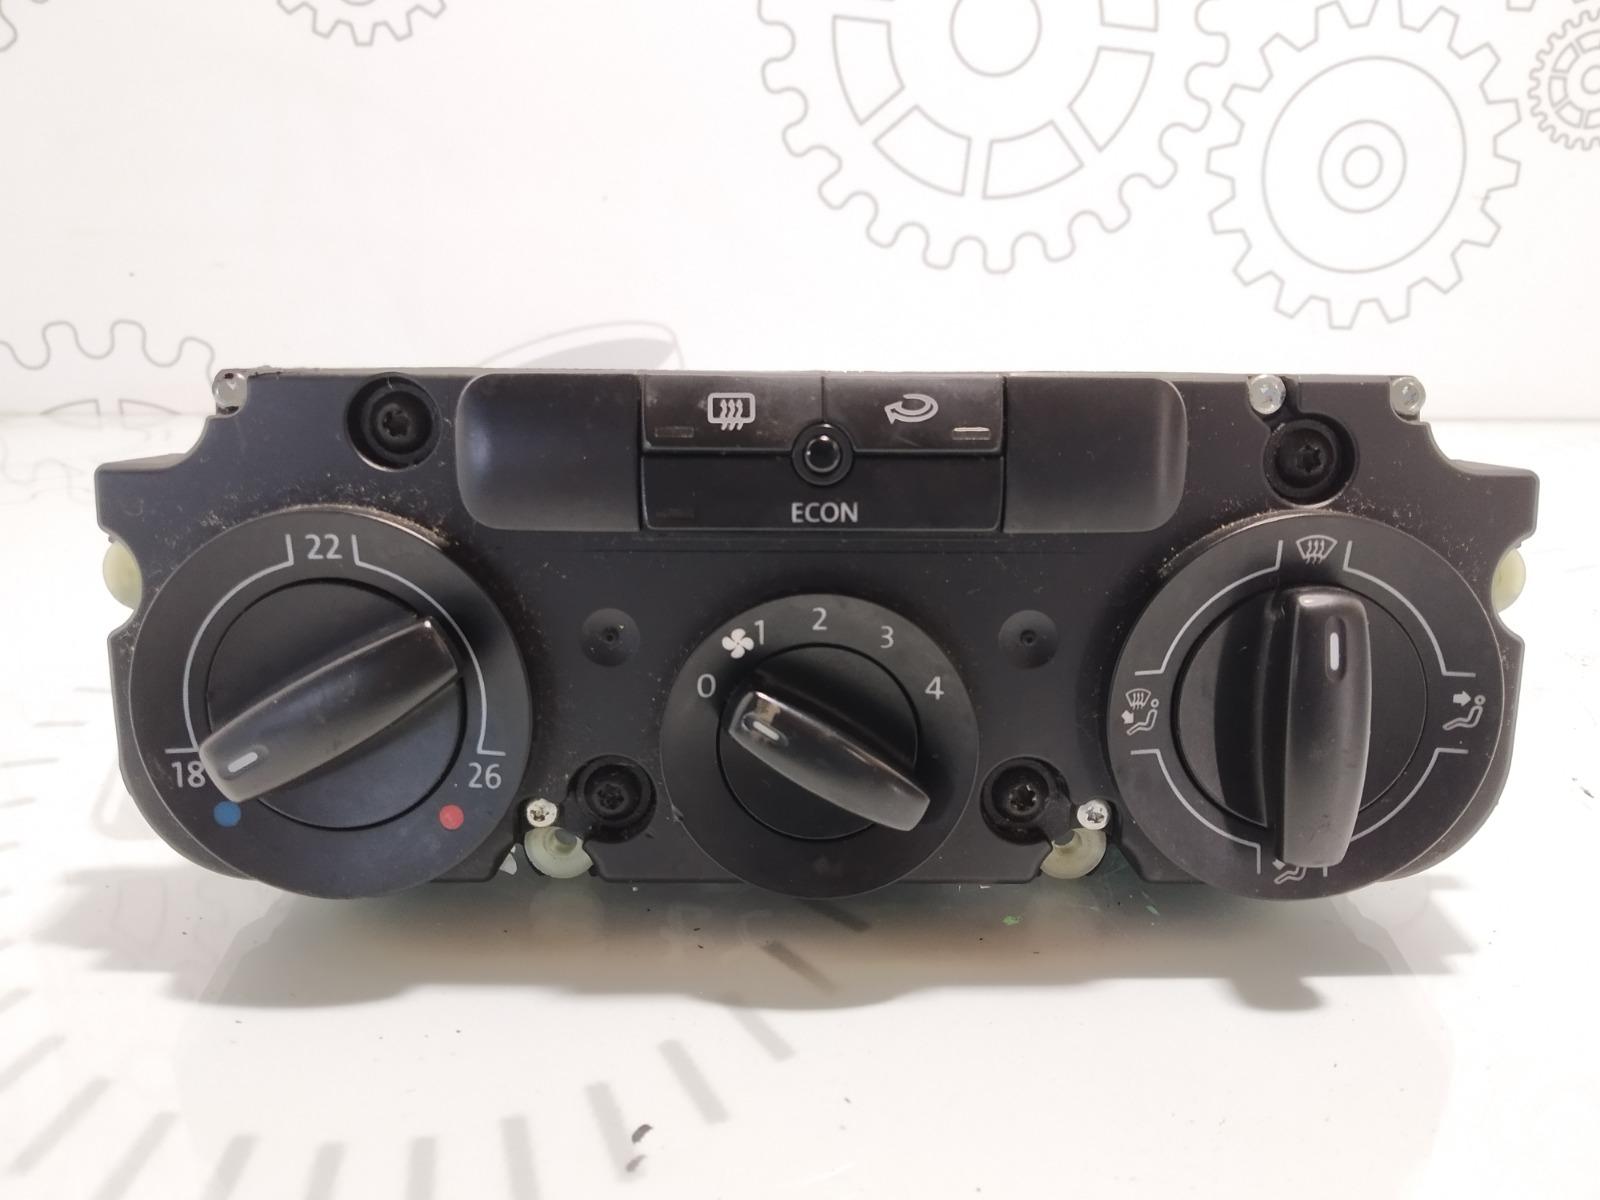 Блок управления печки/климат-контроля Volkswagen Touran 1.6 FSI 2003 (б/у)